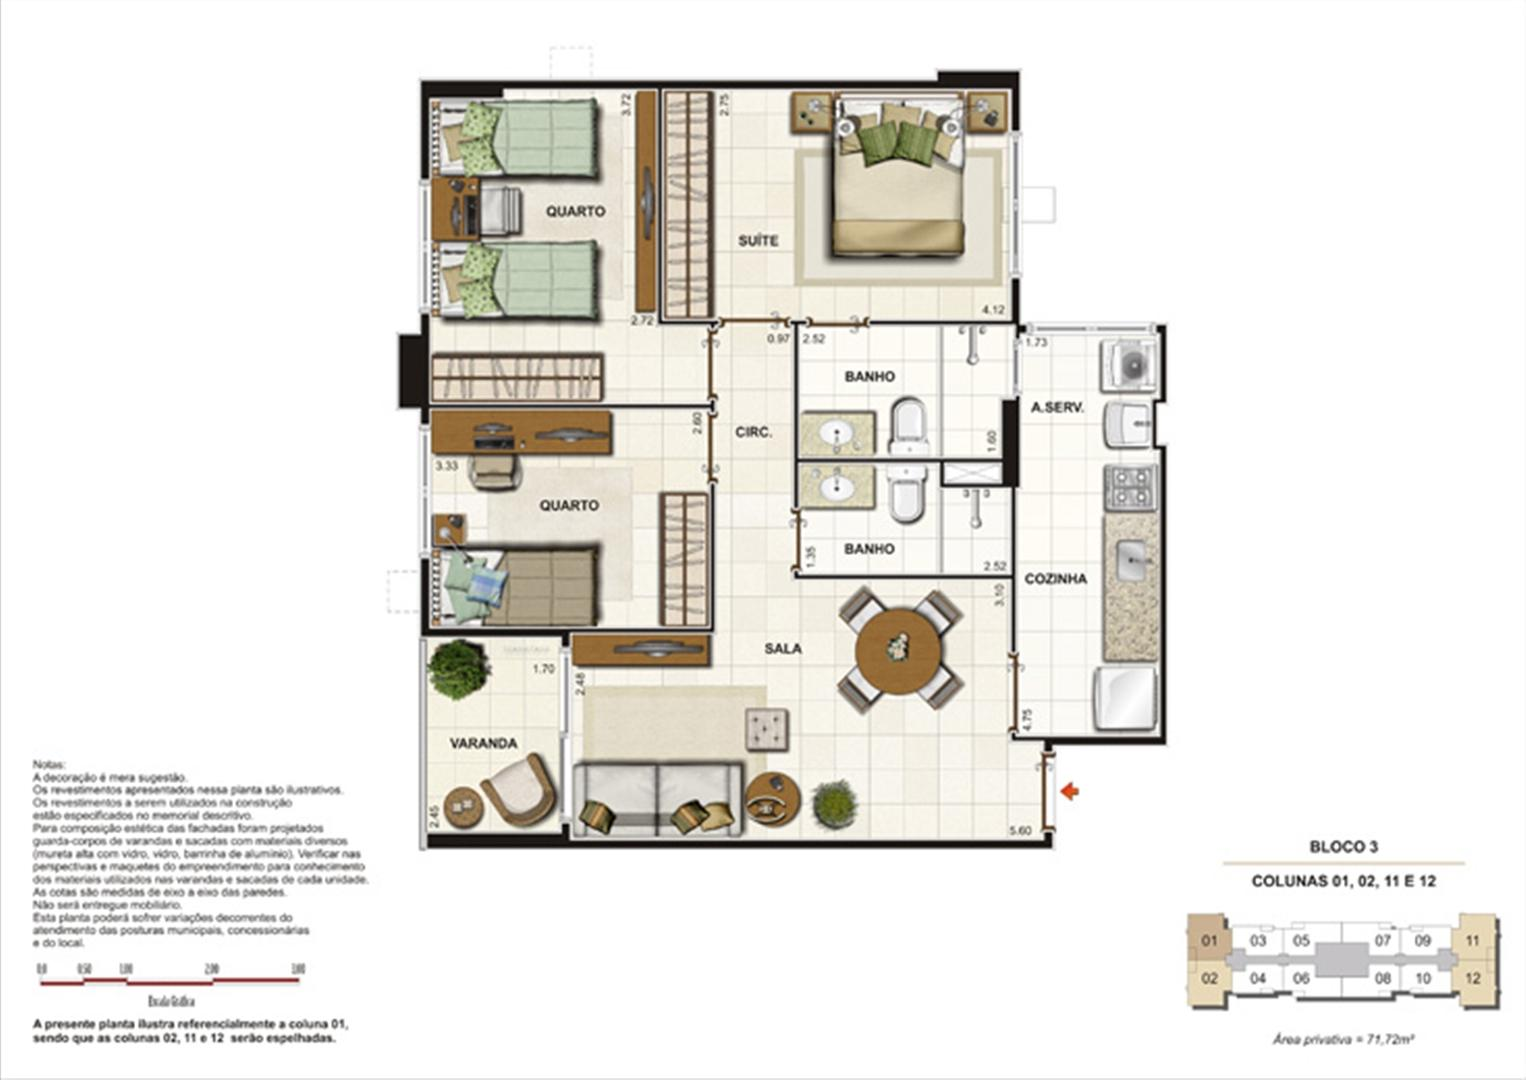 Planta de 3 quartos ( 1 suíte) - 71,72m² | Splendore Family Club – Apartamento em  Campos - Campos - Rio de Janeiro